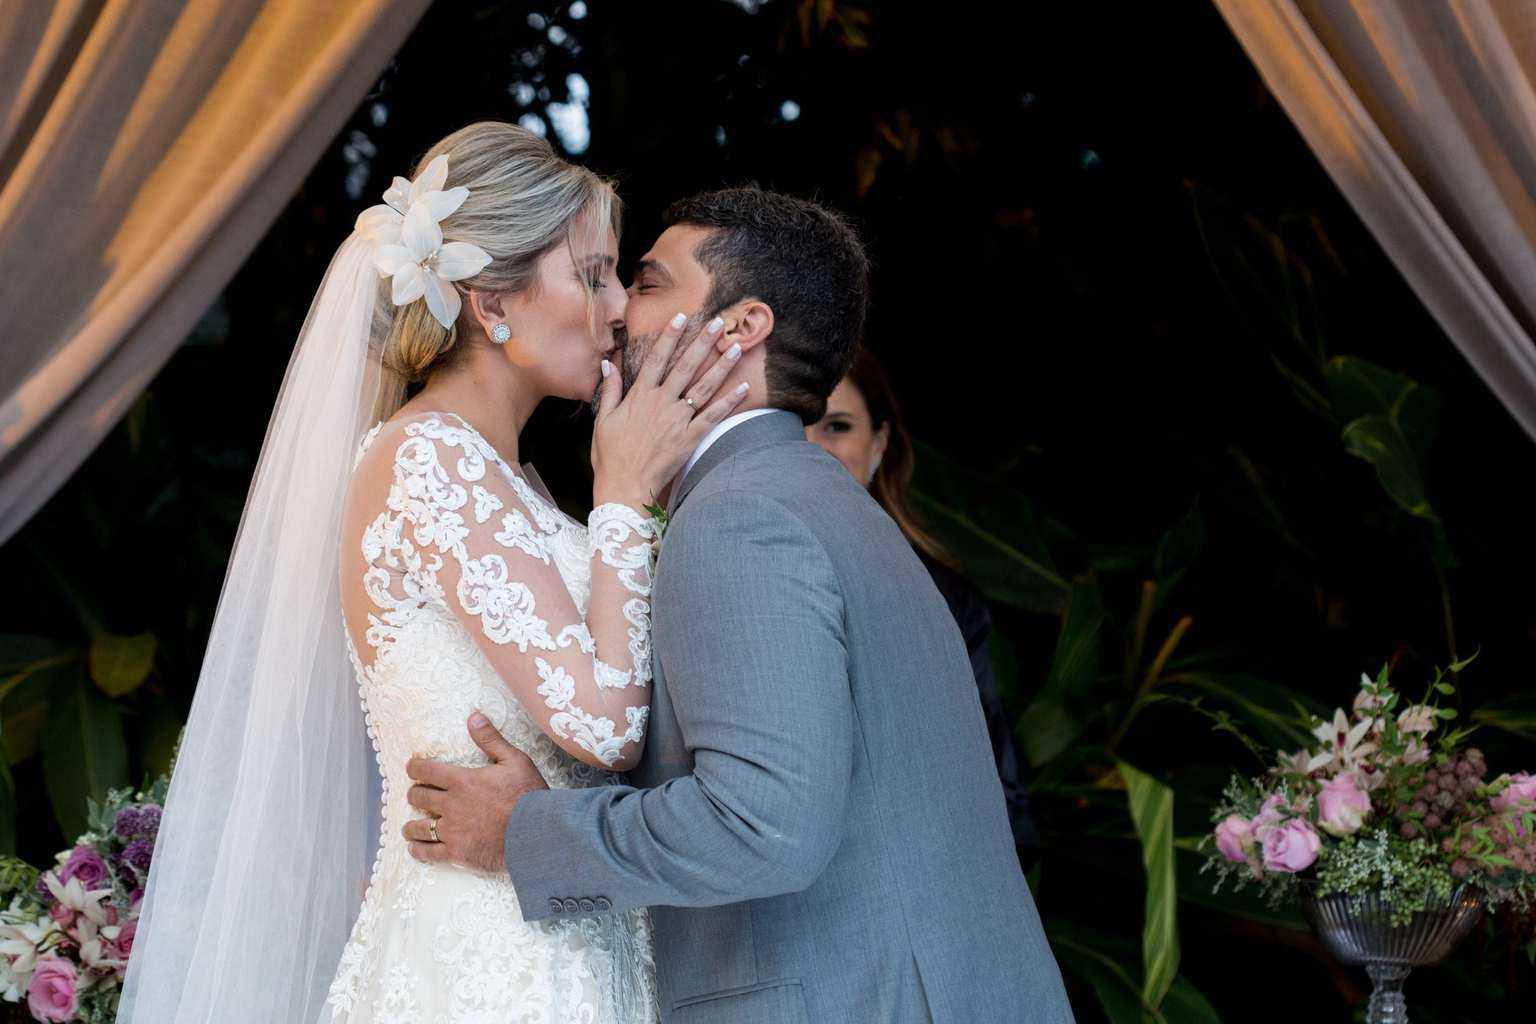 Andrea-Kapps-casamento-de-dia-casamento-na-serra-casamento-romântico-casamento-tradicional-cerimôna-Locanda-de-La-Mimosa-rosa-e-lilás-casamento-25